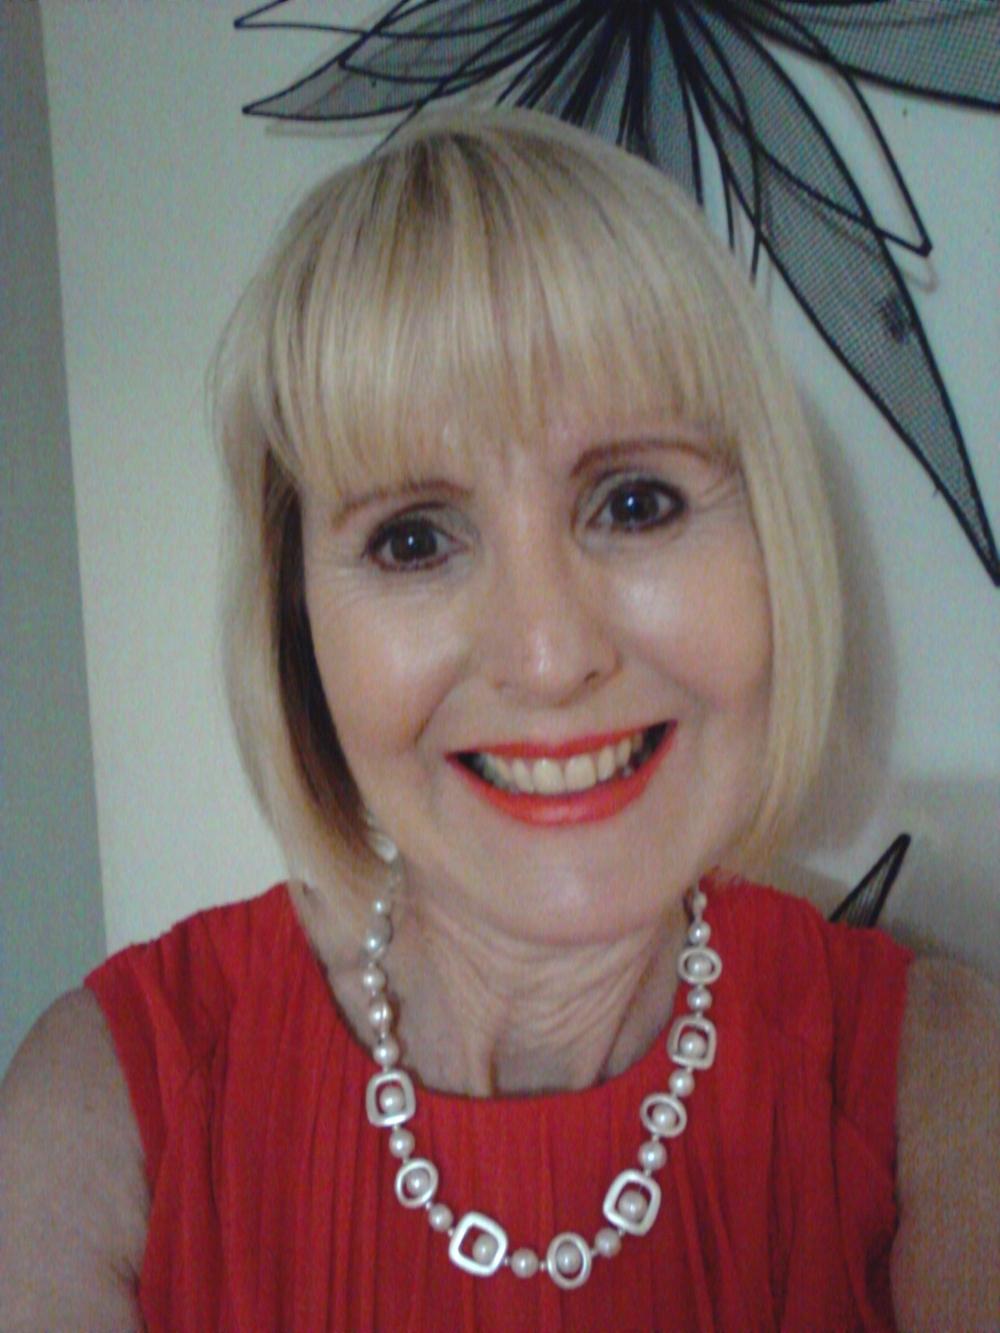 donna_neck_profile_picture.jpg